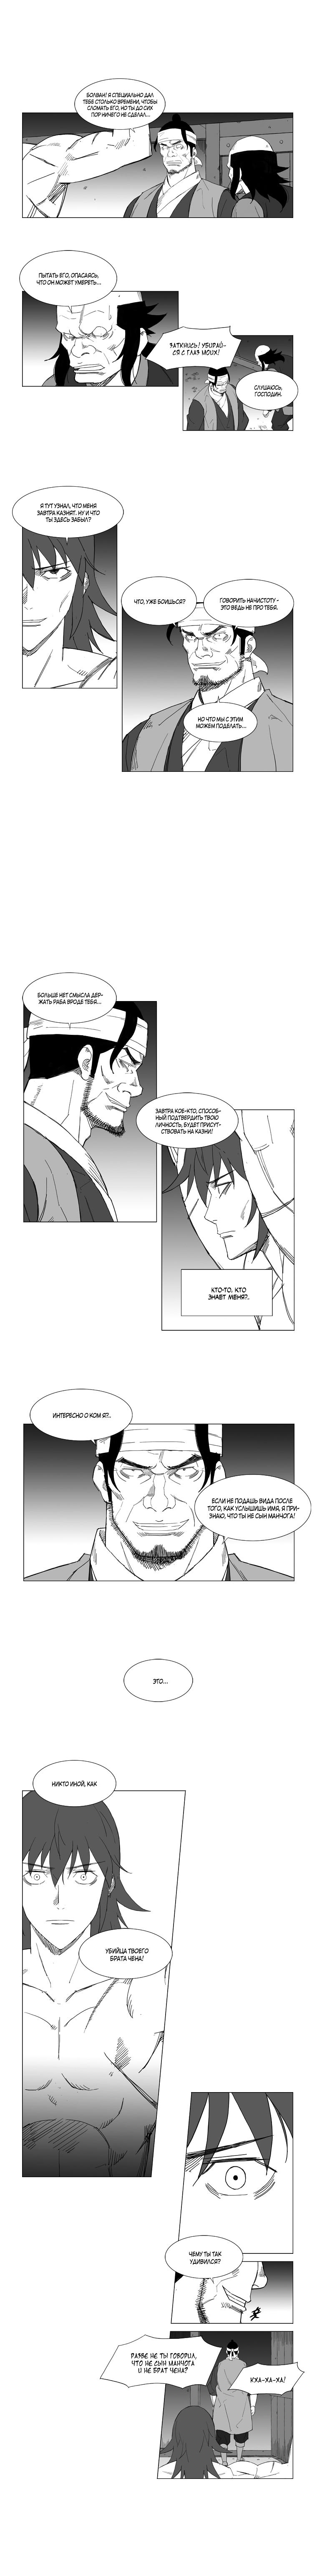 https://r1.ninemanga.com/comics/pic2/39/28263/318378/1486926314934.png Page 2